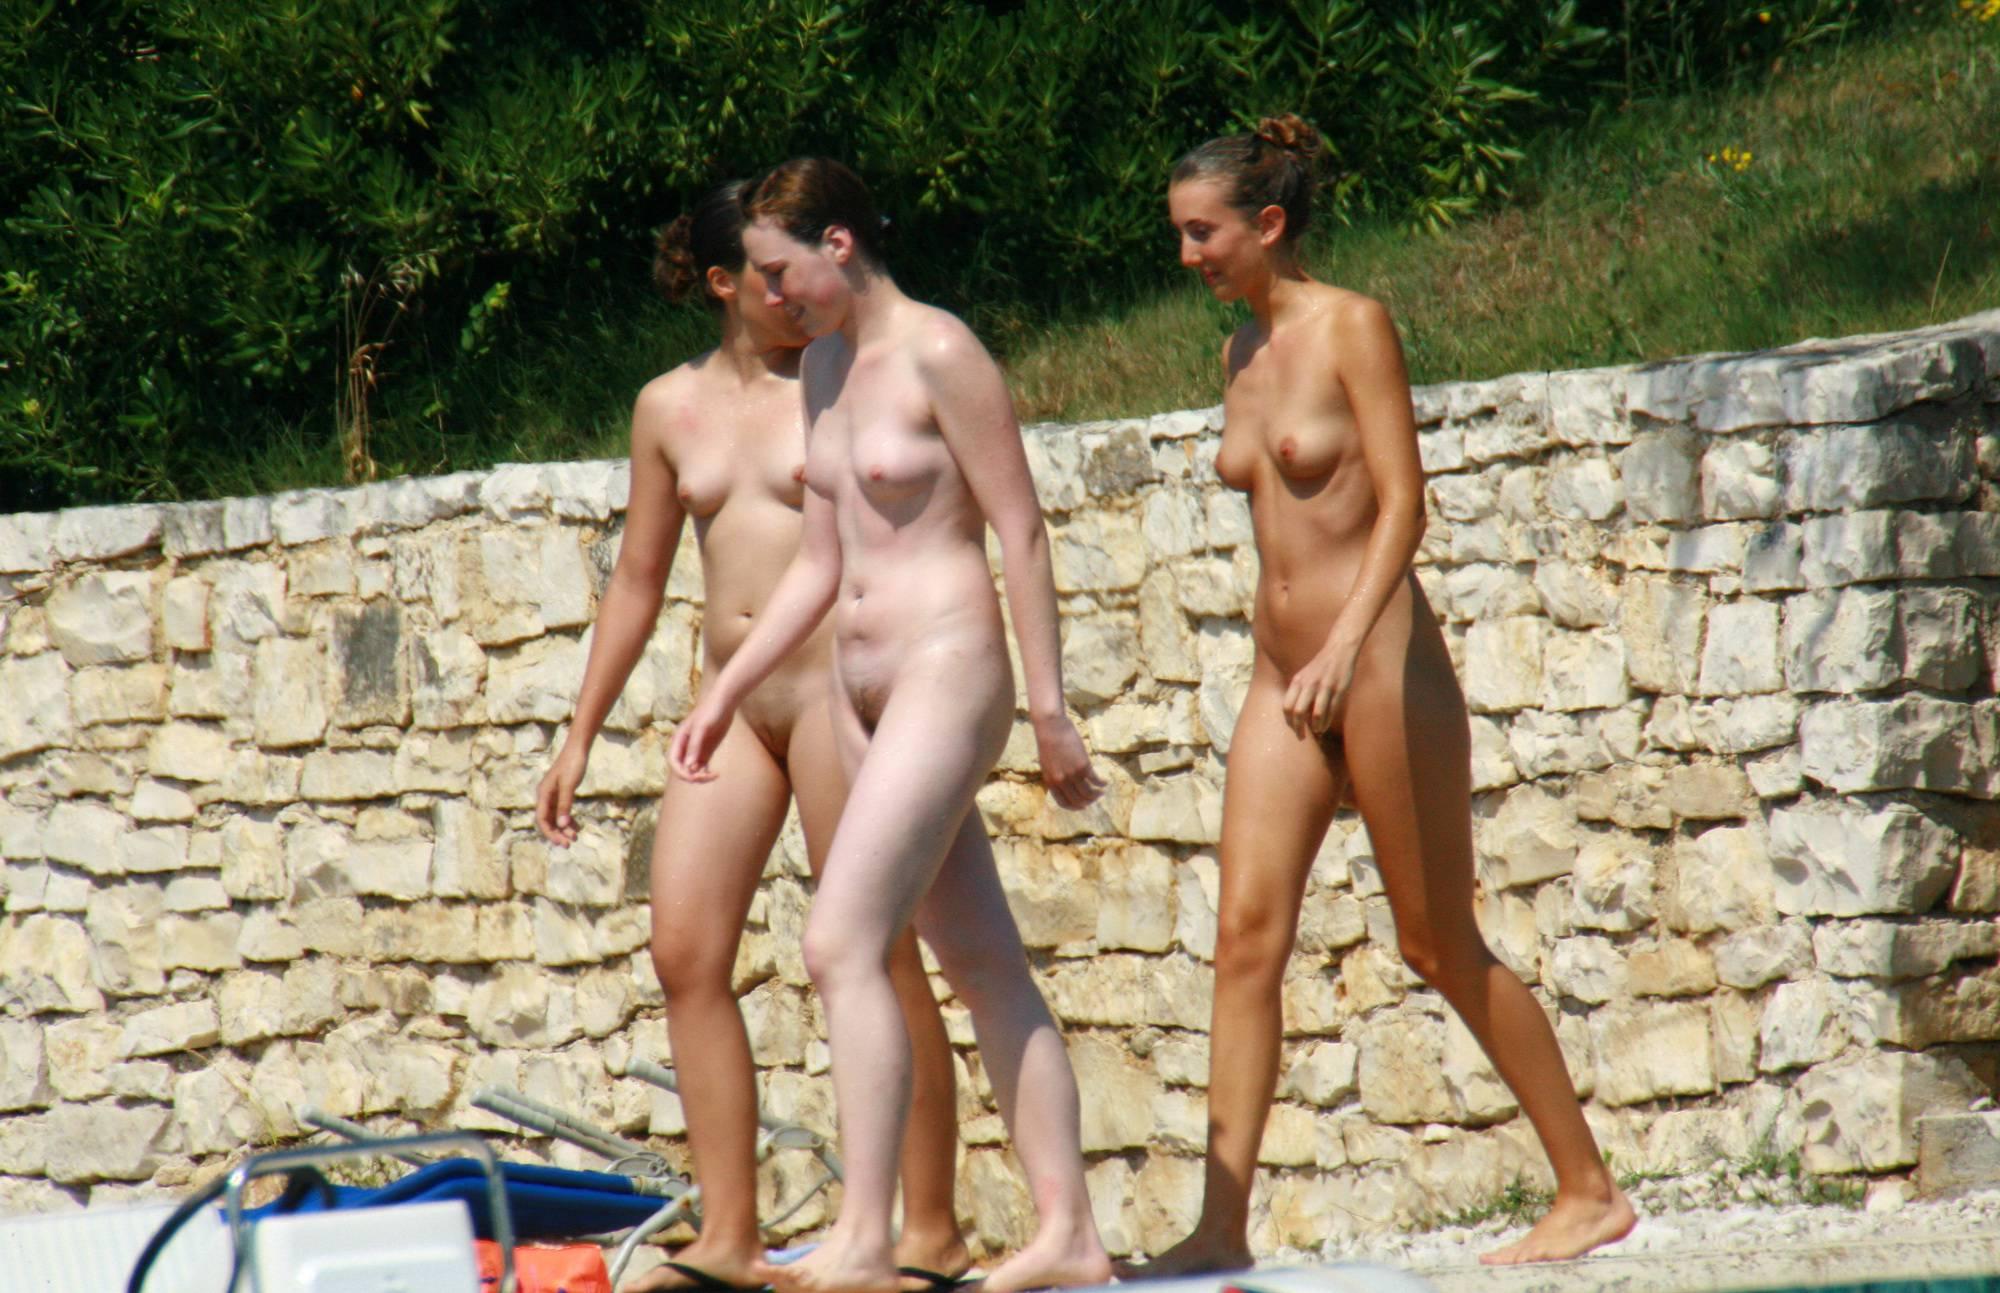 Purenudism-Nude Duet Water Migration - 2